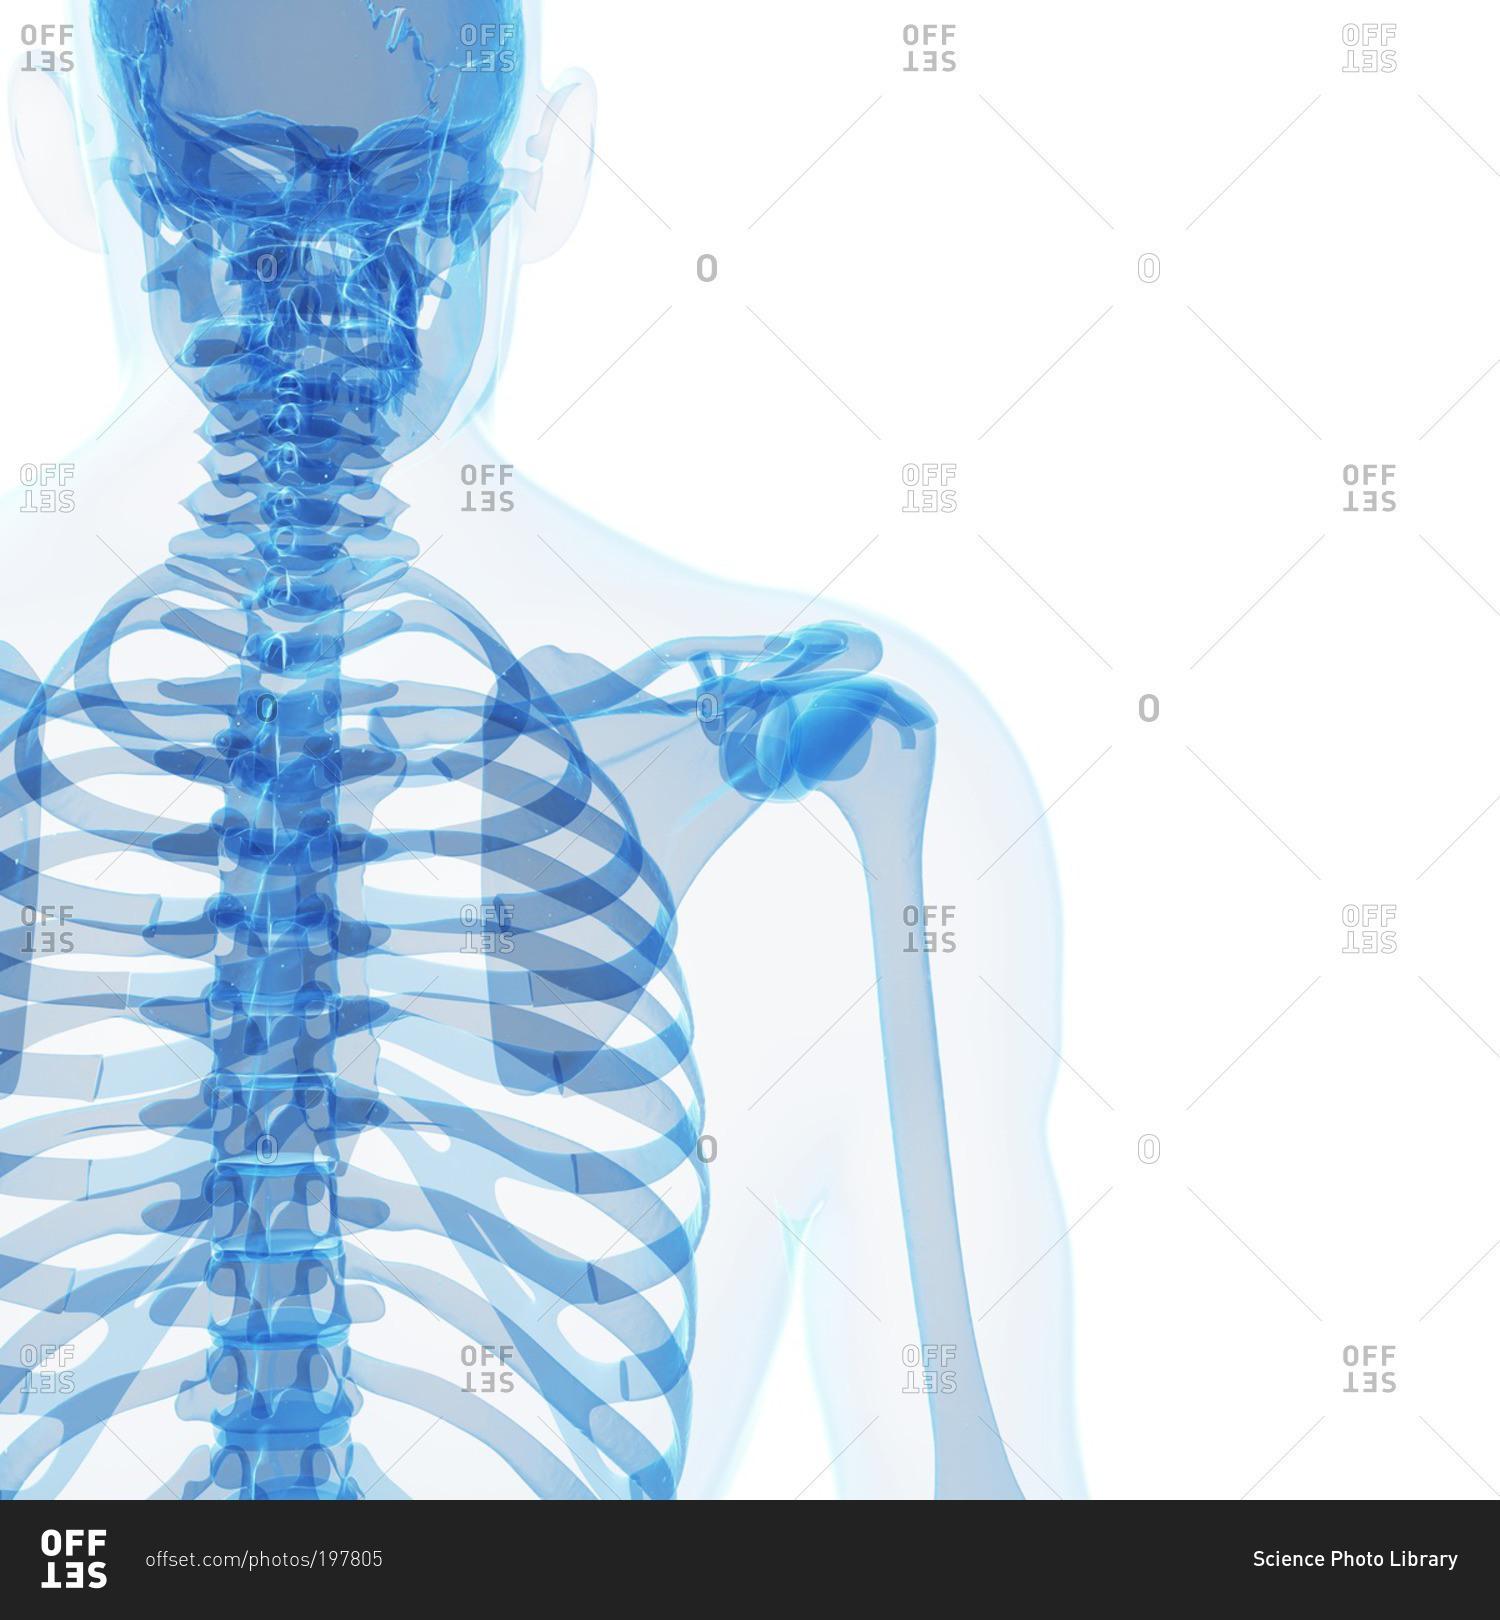 Ungewöhnlich Wo Greys Anatomy Online Zu Sehen Fotos - Anatomie Ideen ...